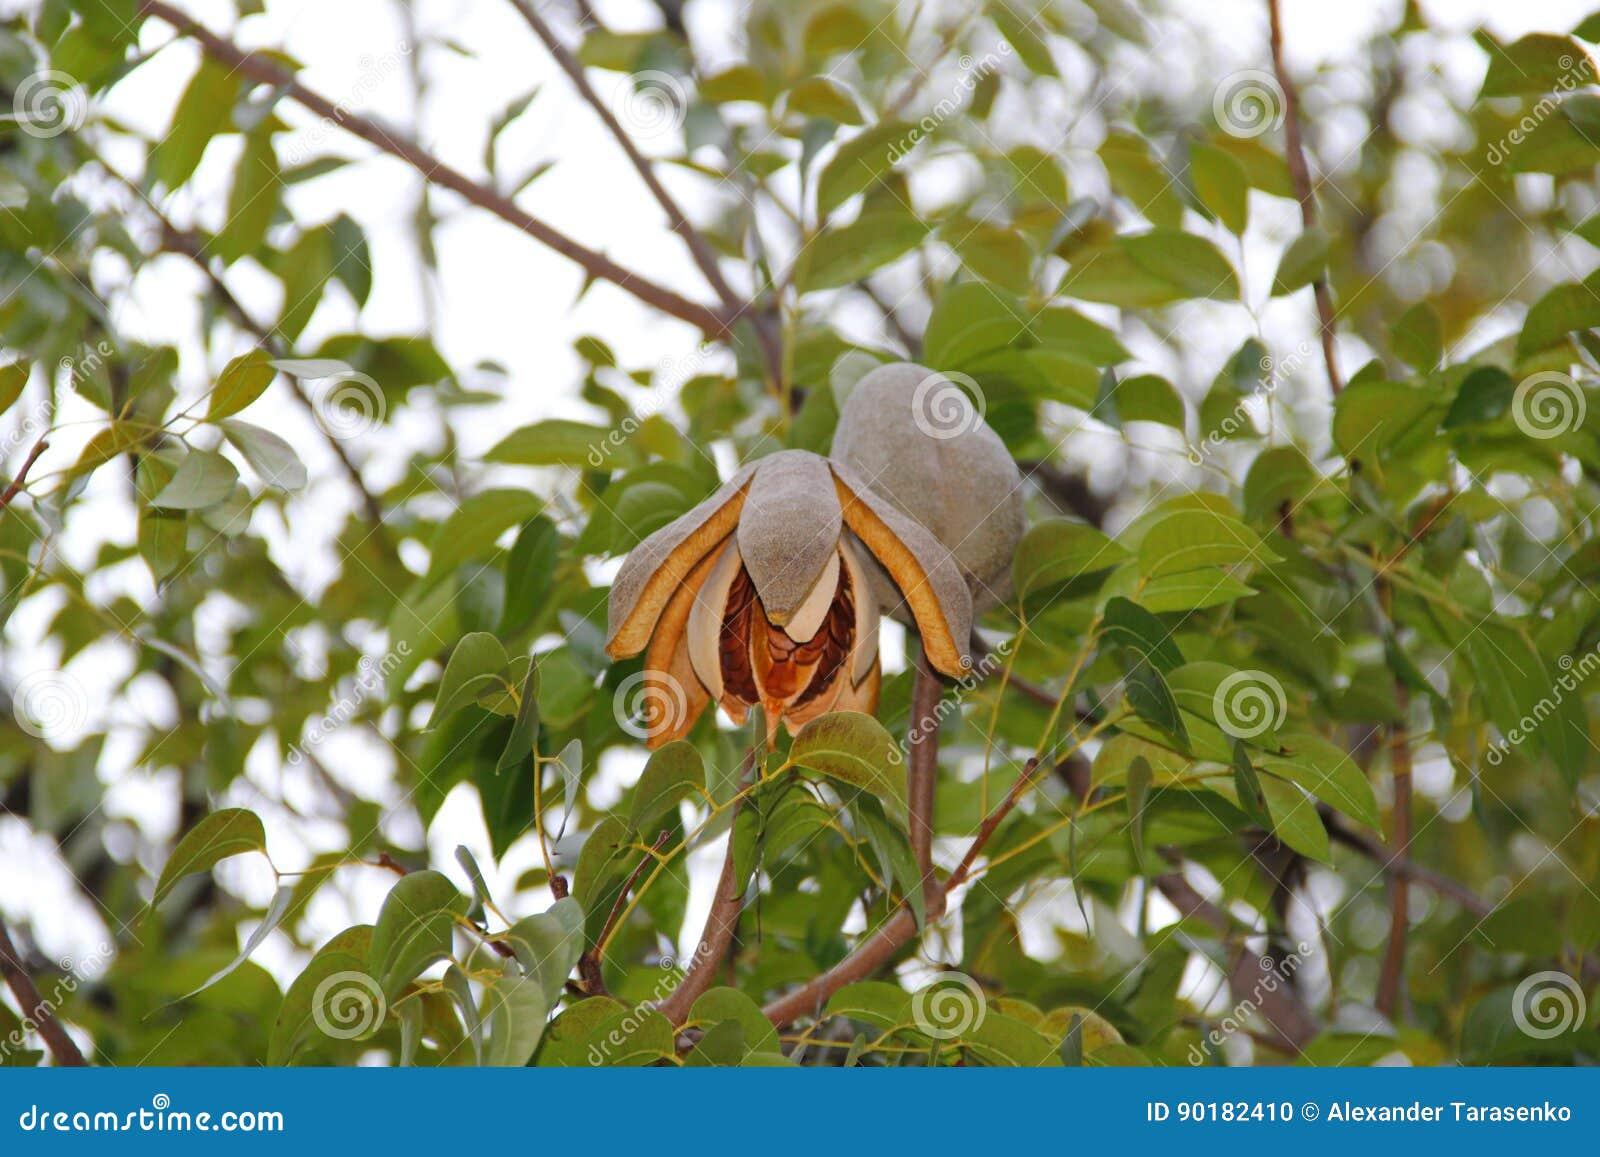 Mahagonibäume  Mahagonibaum-Braunfrucht stockfoto. Bild von betrieb - 90182410